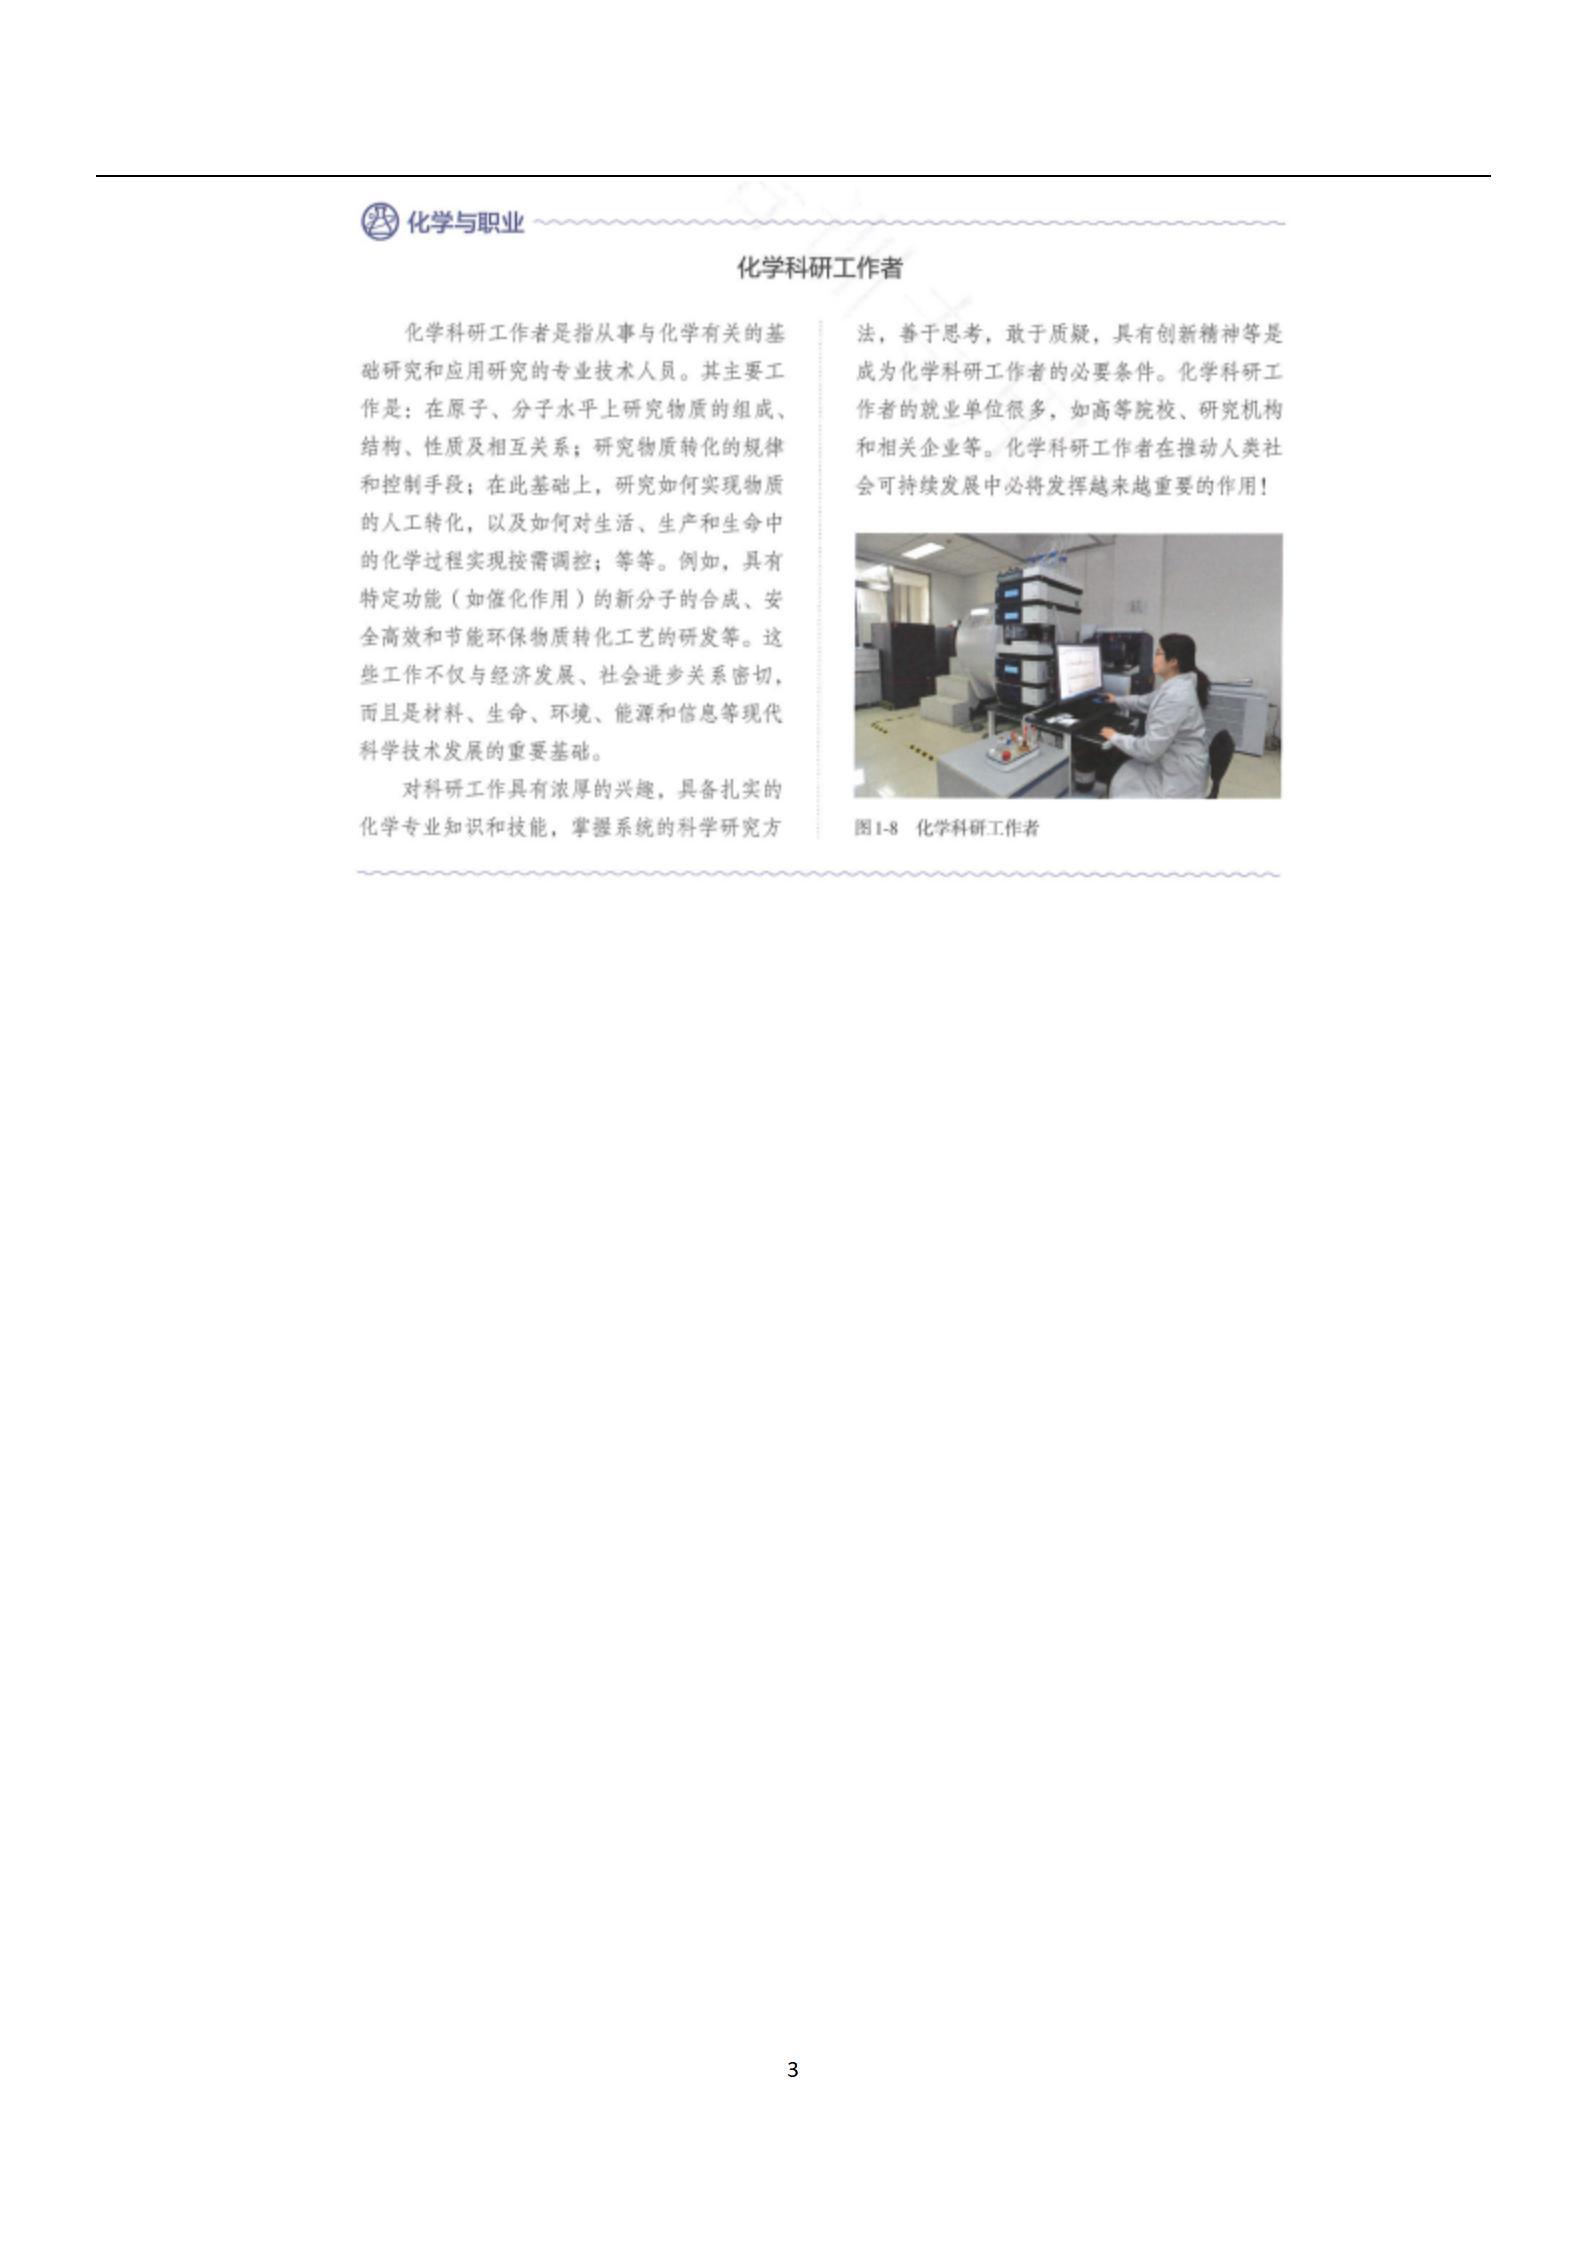 高中化学教材改革新旧对比——科技&未来篇